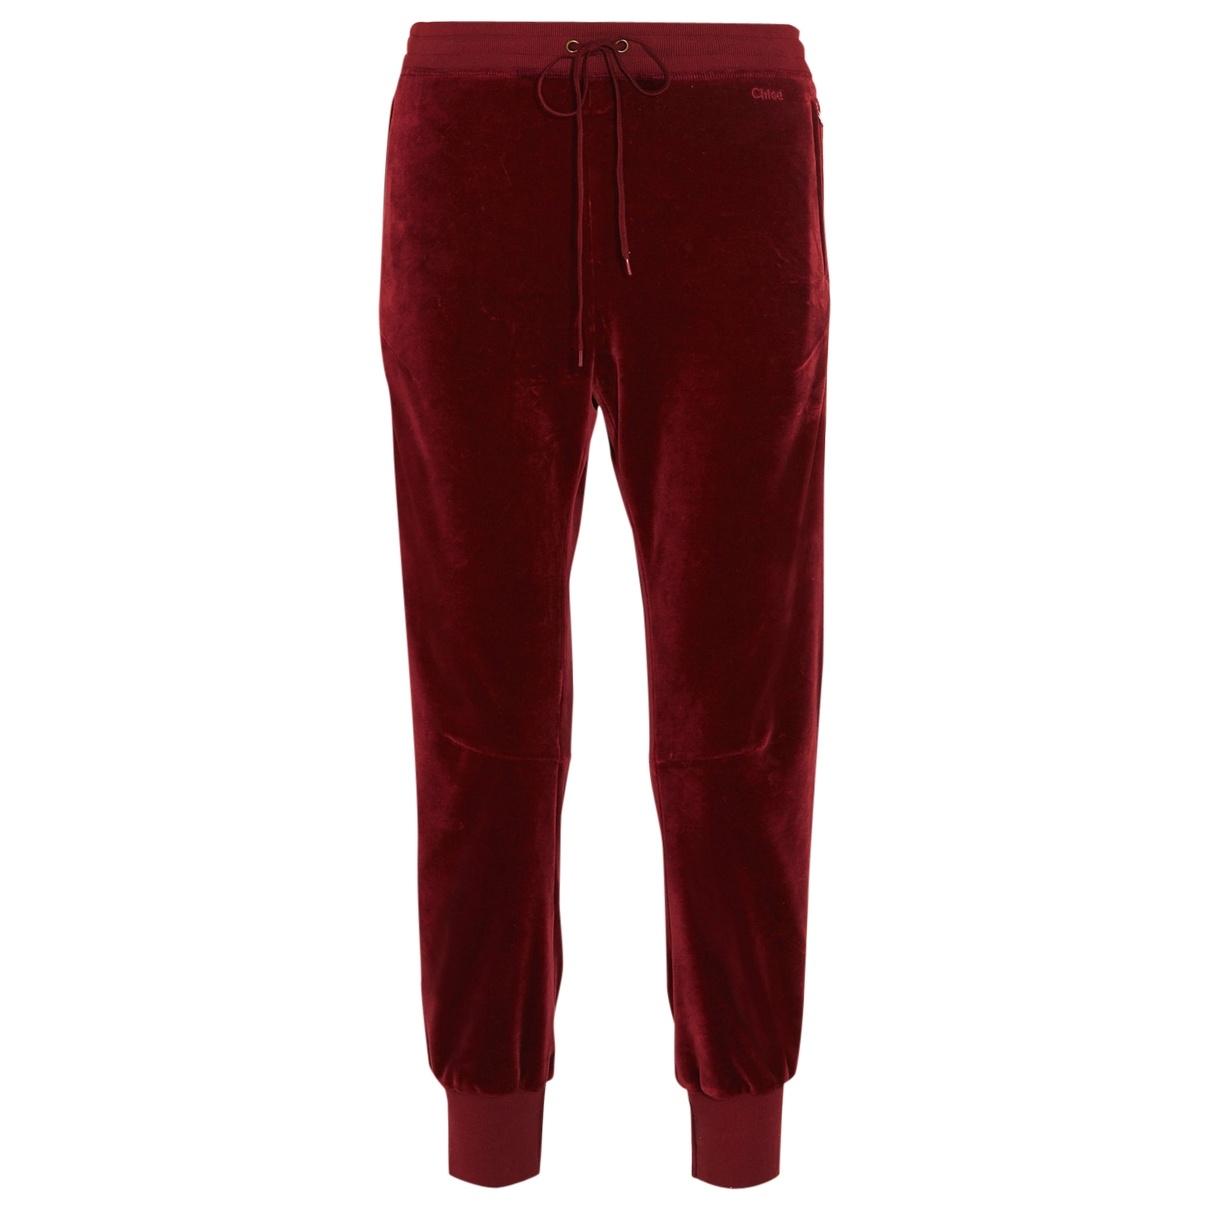 Chloé \N Red Velvet Trousers for Women 34 FR